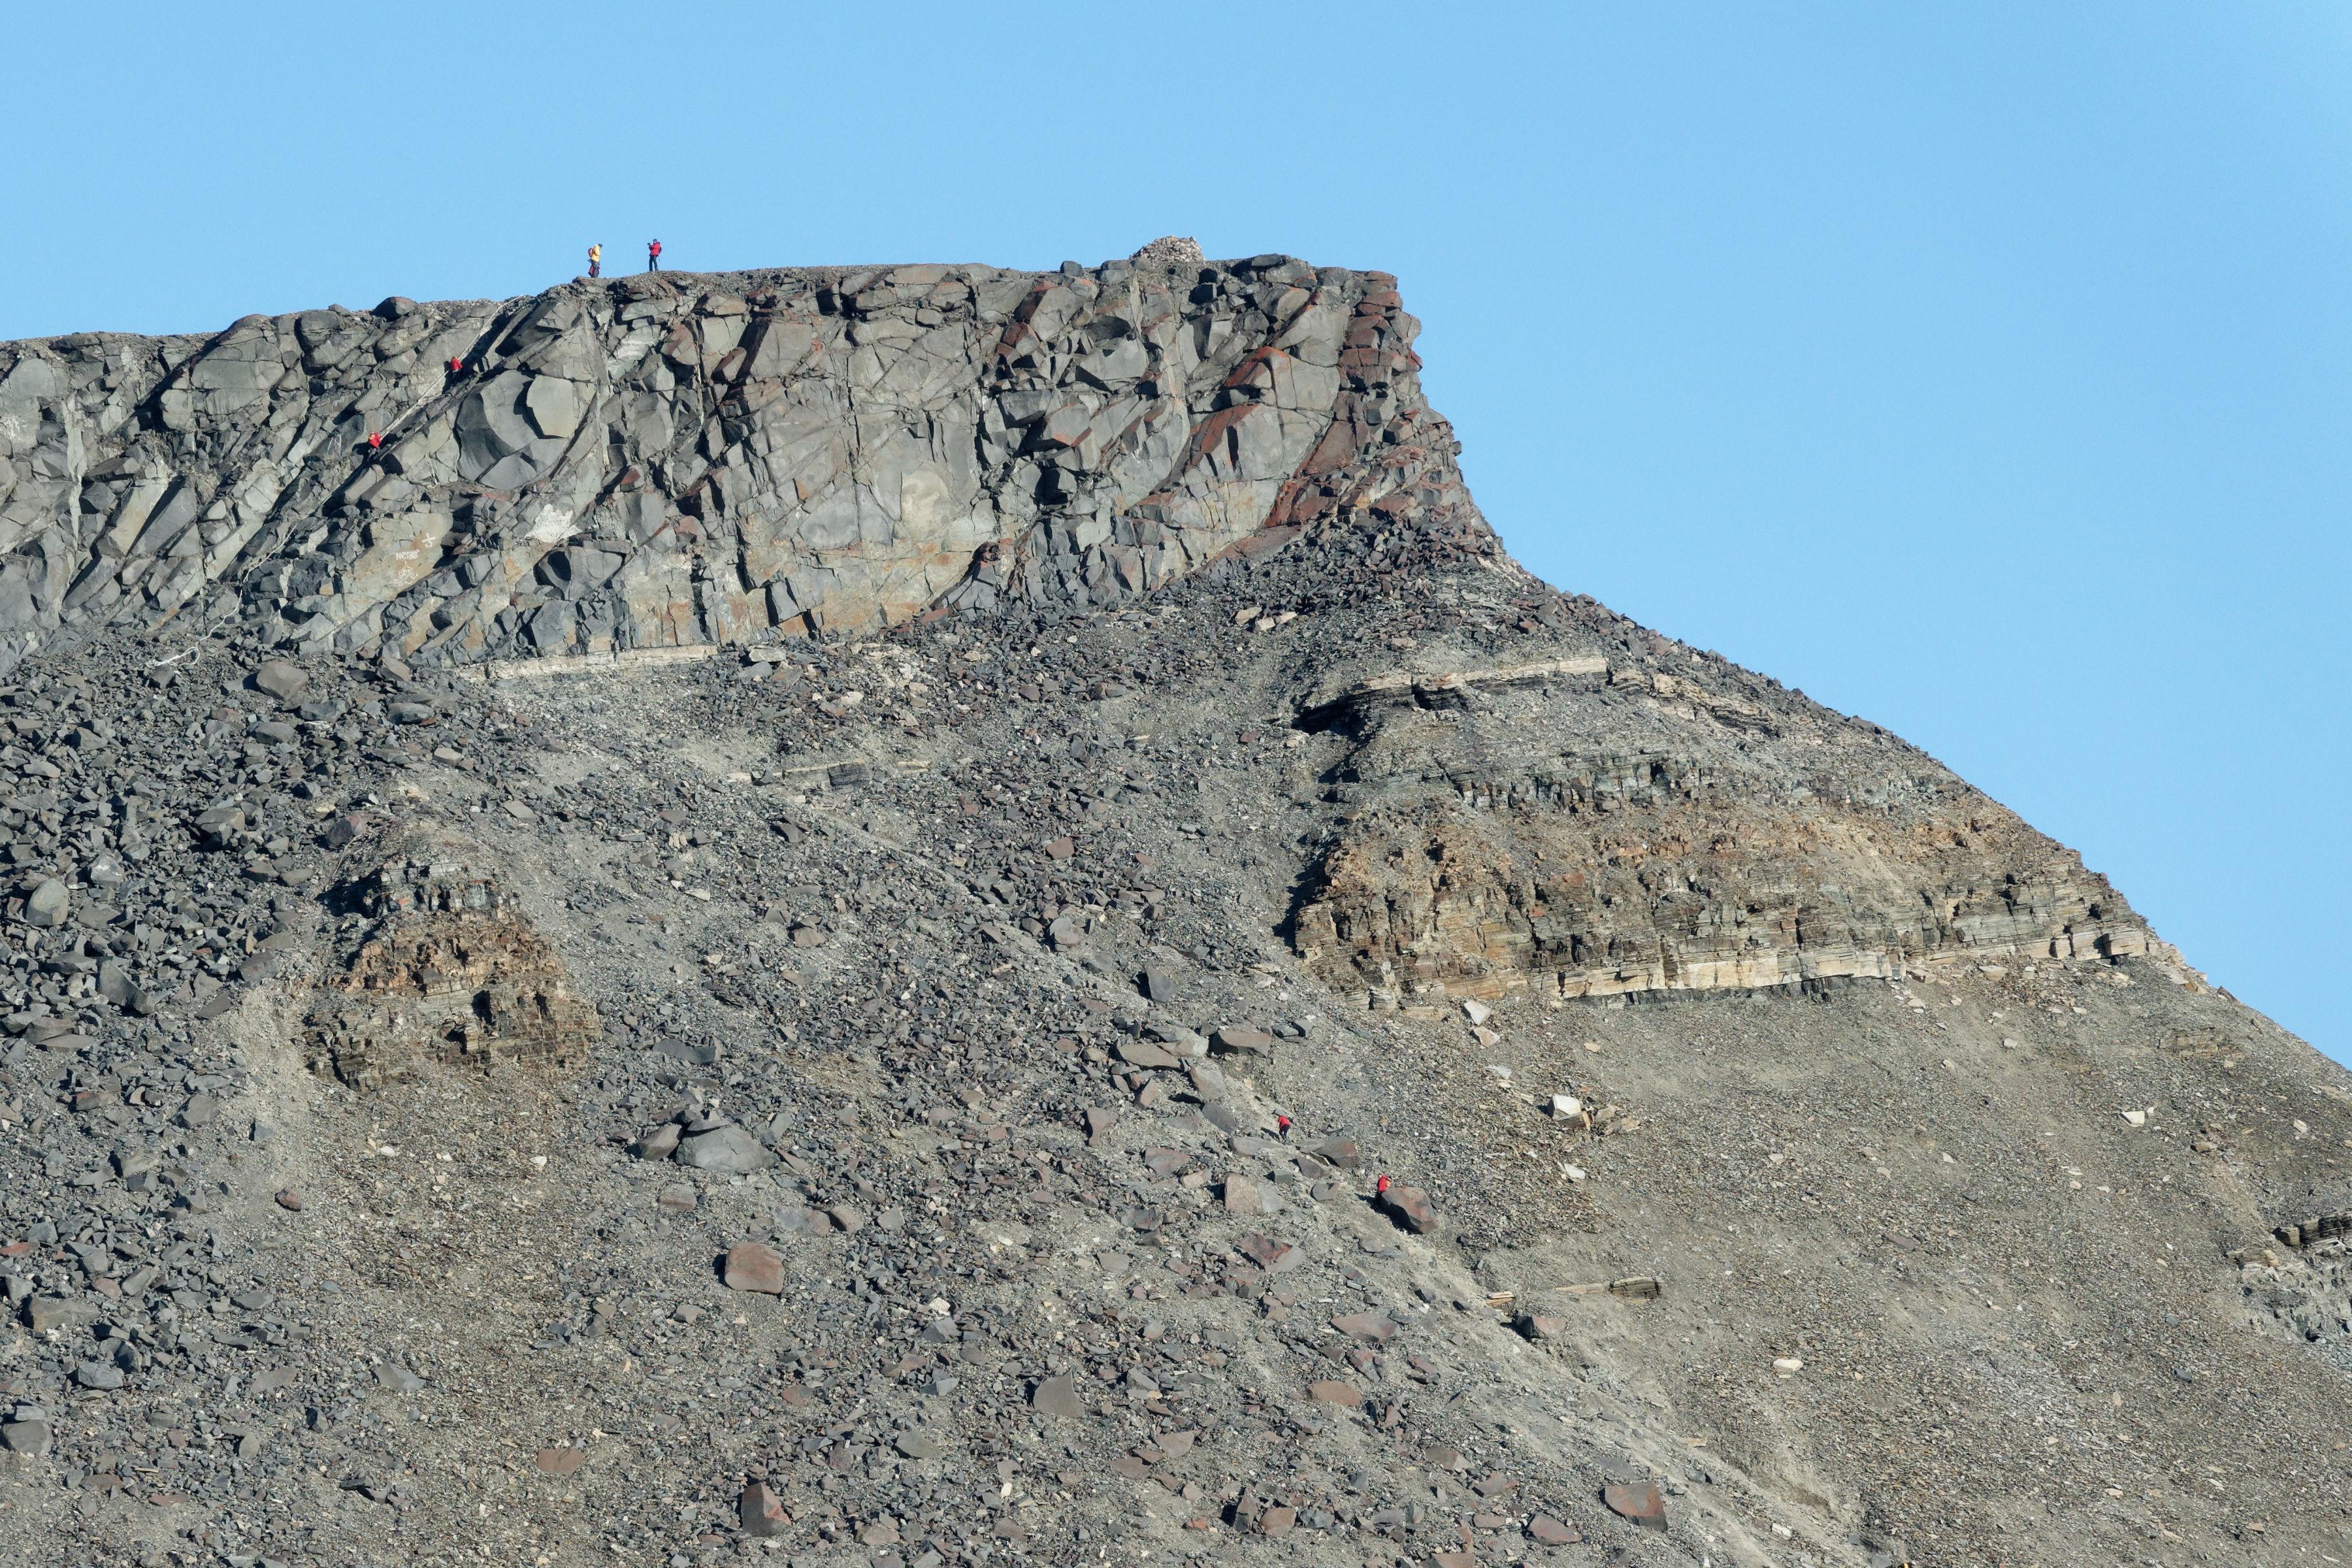 Le sommet du mont Dundas, accessible via une grosse corde